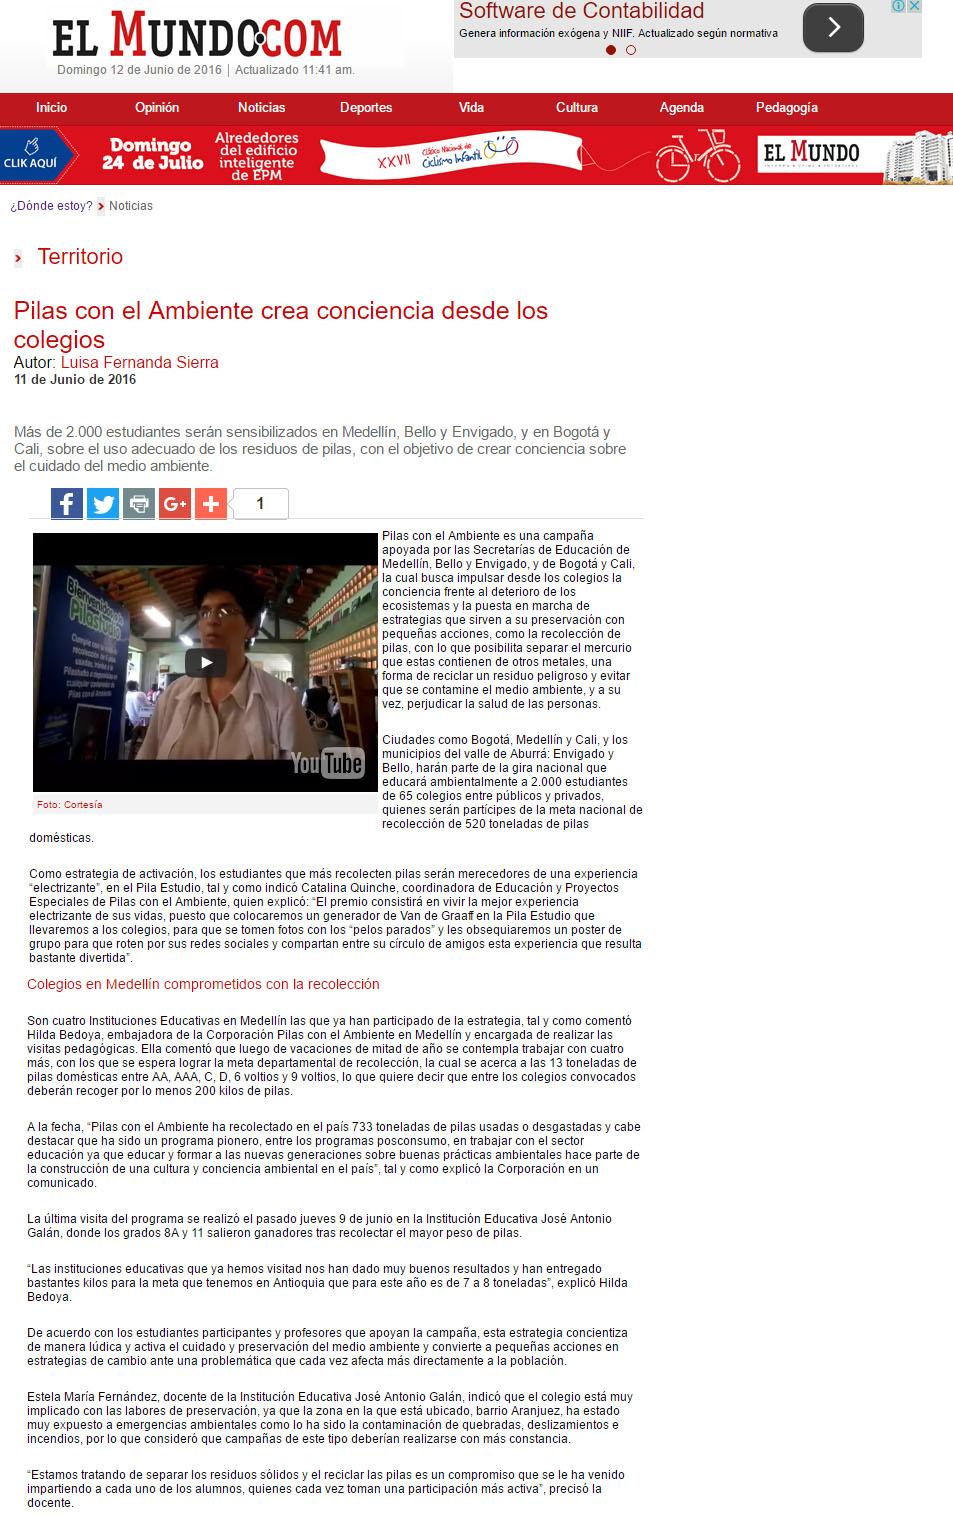 PILA ESTUDIO www.elmundo.com 12-06-2016